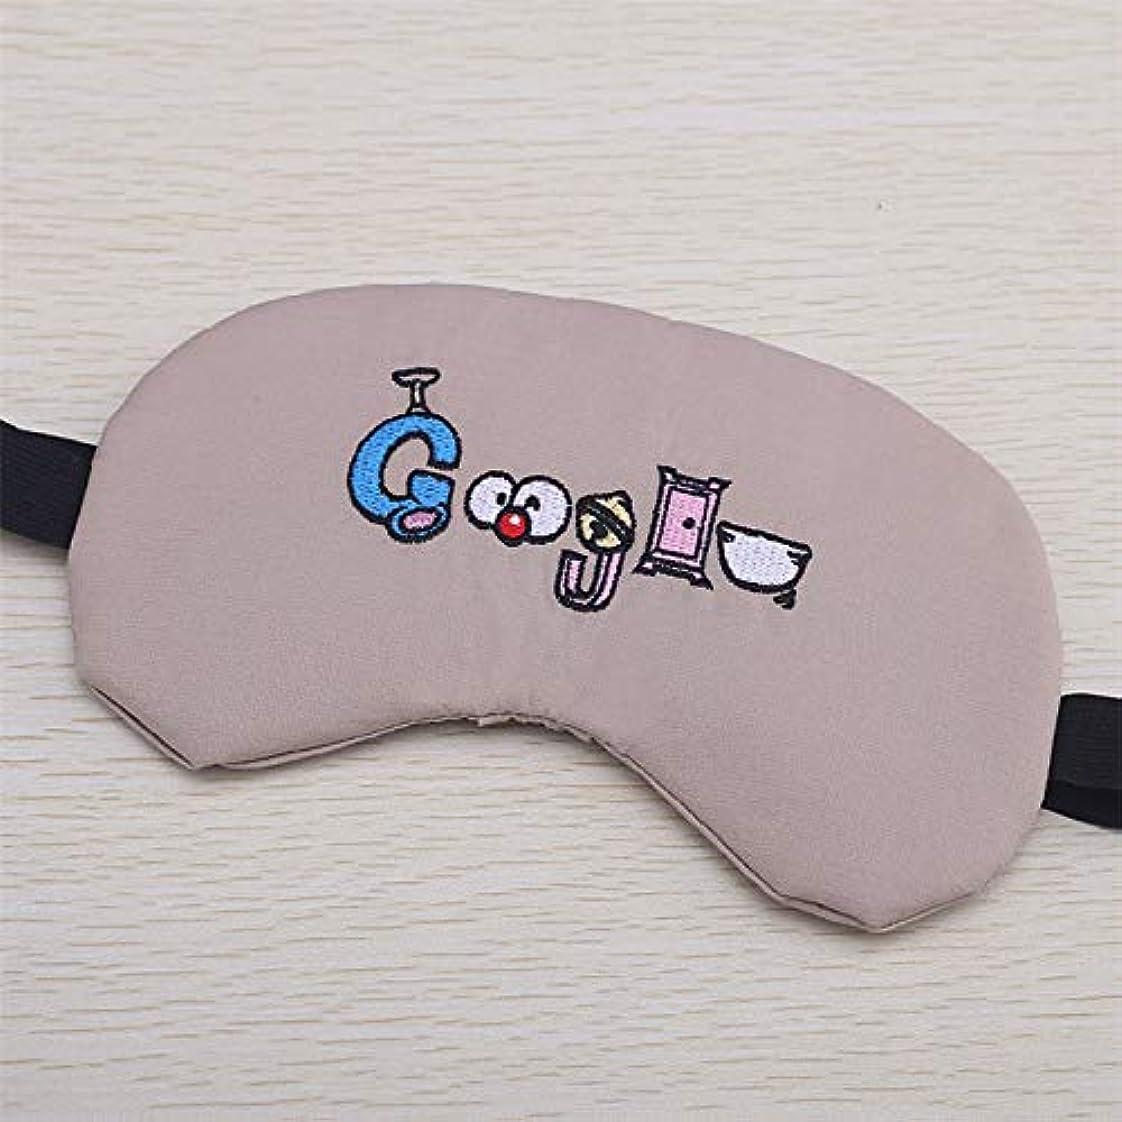 クルーズ残酷な安価なNOTE 綿韓国風漫画睡眠マスク付き弾性包帯目隠しシェード睡眠アイカバー用シフト作業昼寝slaapmaskes